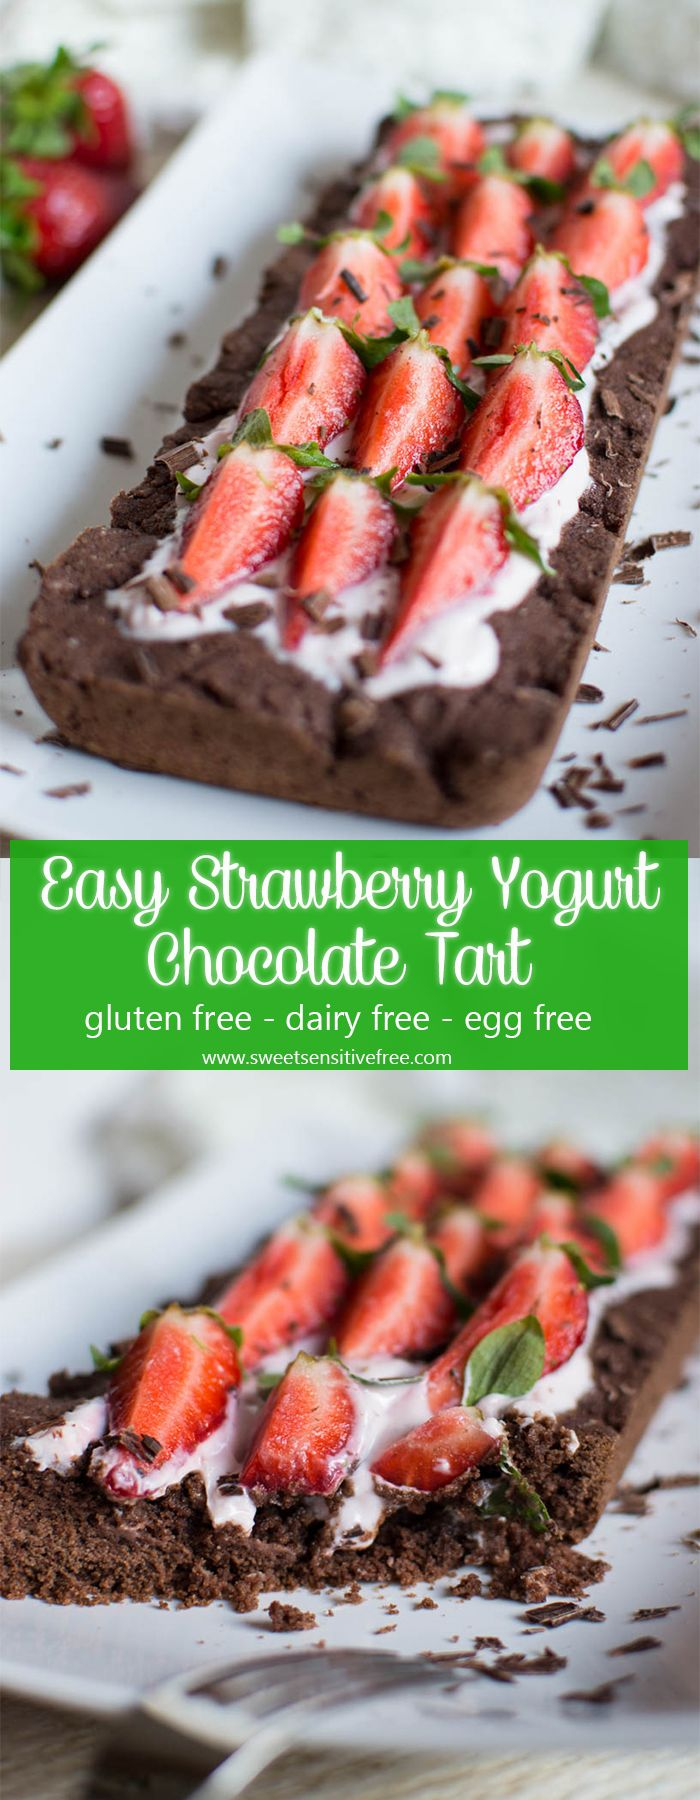 The perfect, easy Spring dessert, gluten free vegan chocolate tart with yogurt and strawberries on top! // Il dessert perfetto per la primavera, una frolla al cioccolato senza glutine e vegan con yogurt e fragole!